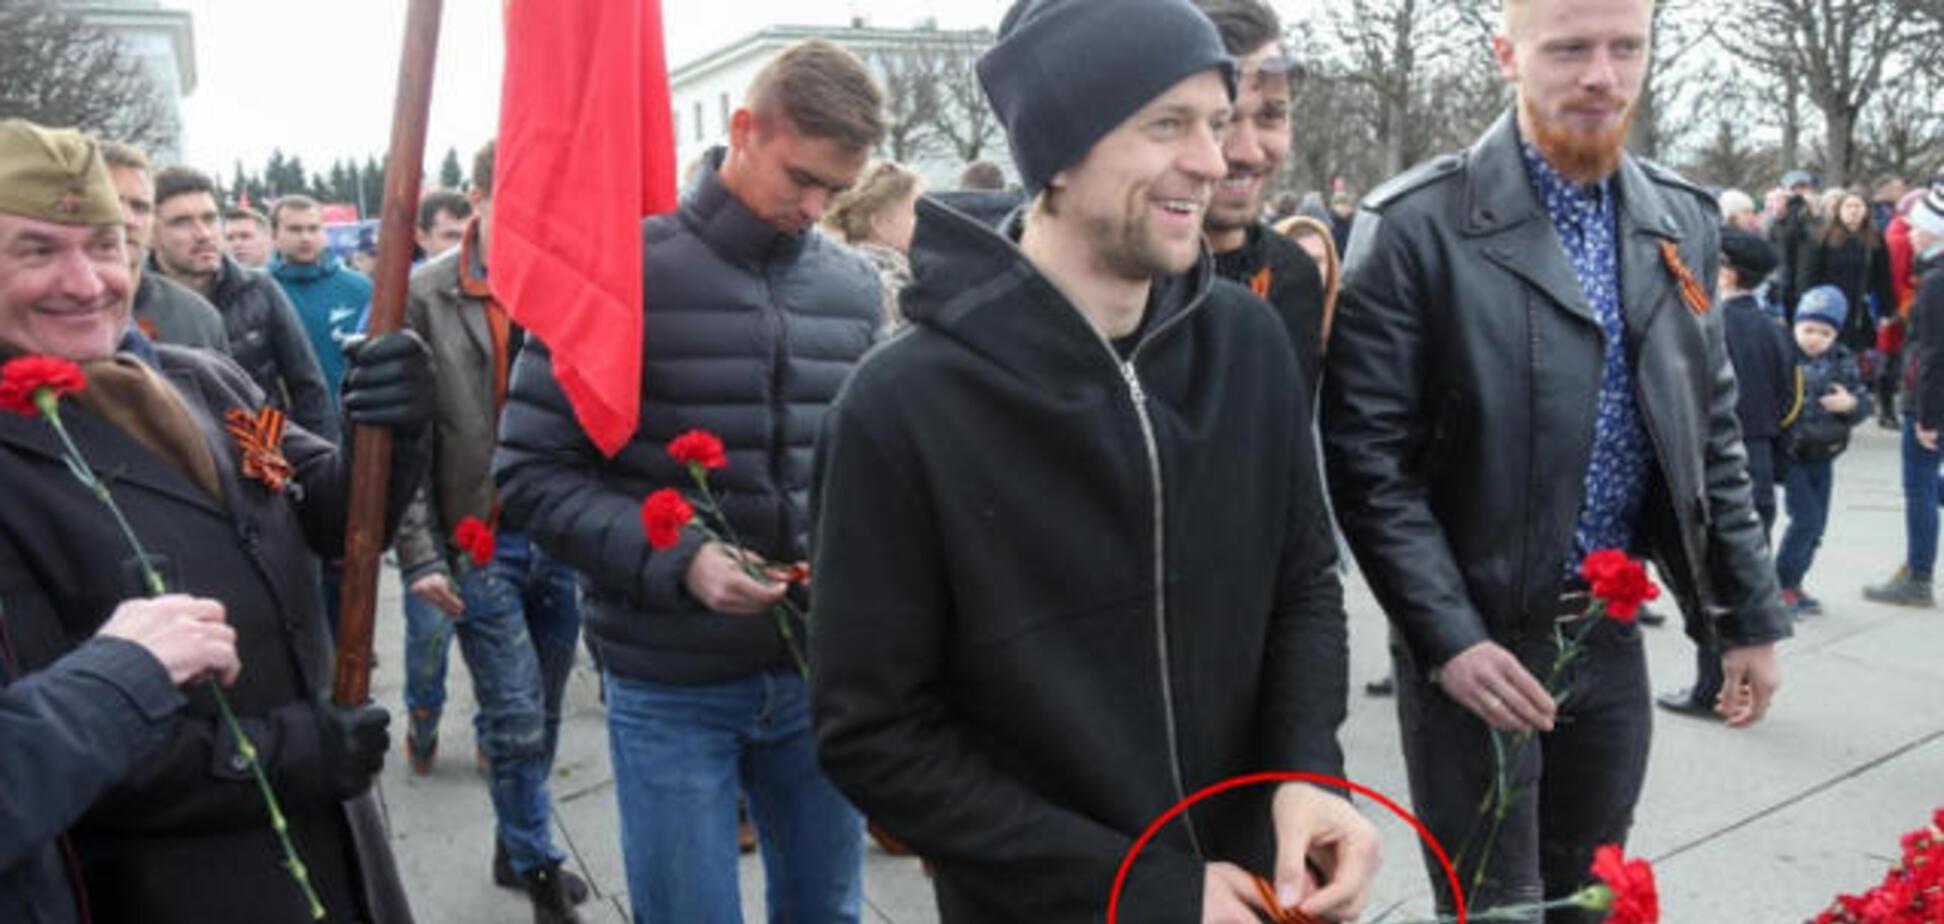 Стаховский высказался о Тимощуке, 'перечеркнувшим всё переездом в Россию'